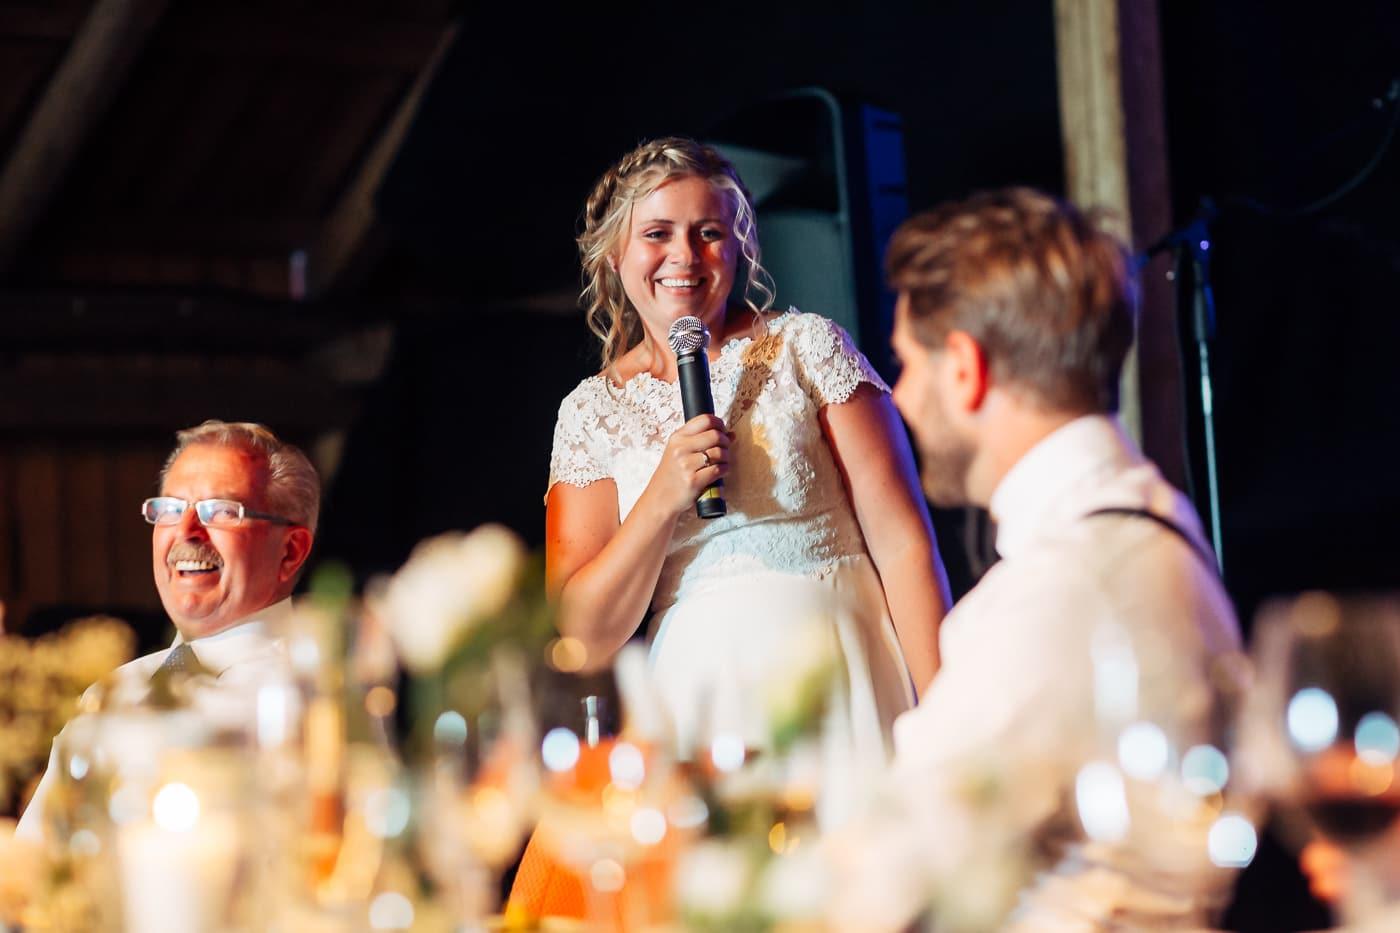 Linn & Frank - rørende og vakkert låvebryllup i Minnesund Bryllupsbilder Minnesund Eidsvoll 72 Brudepar